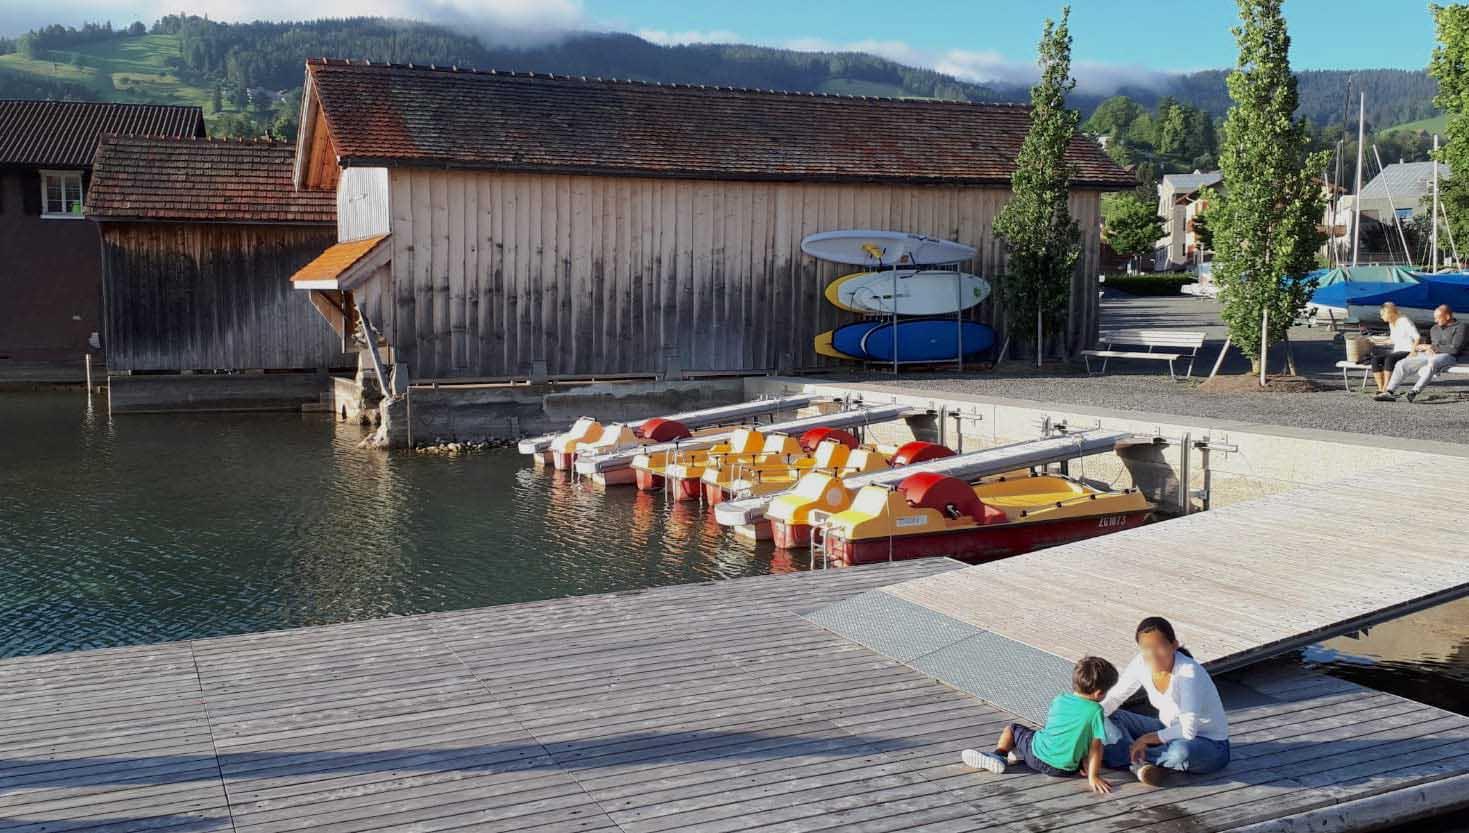 Unmittelbar am Ufer darf laut Kanton absolut nichts gebaut werden – ausser die Gebäude stehen schon, wie die Bootshäuser am Seeplatz.